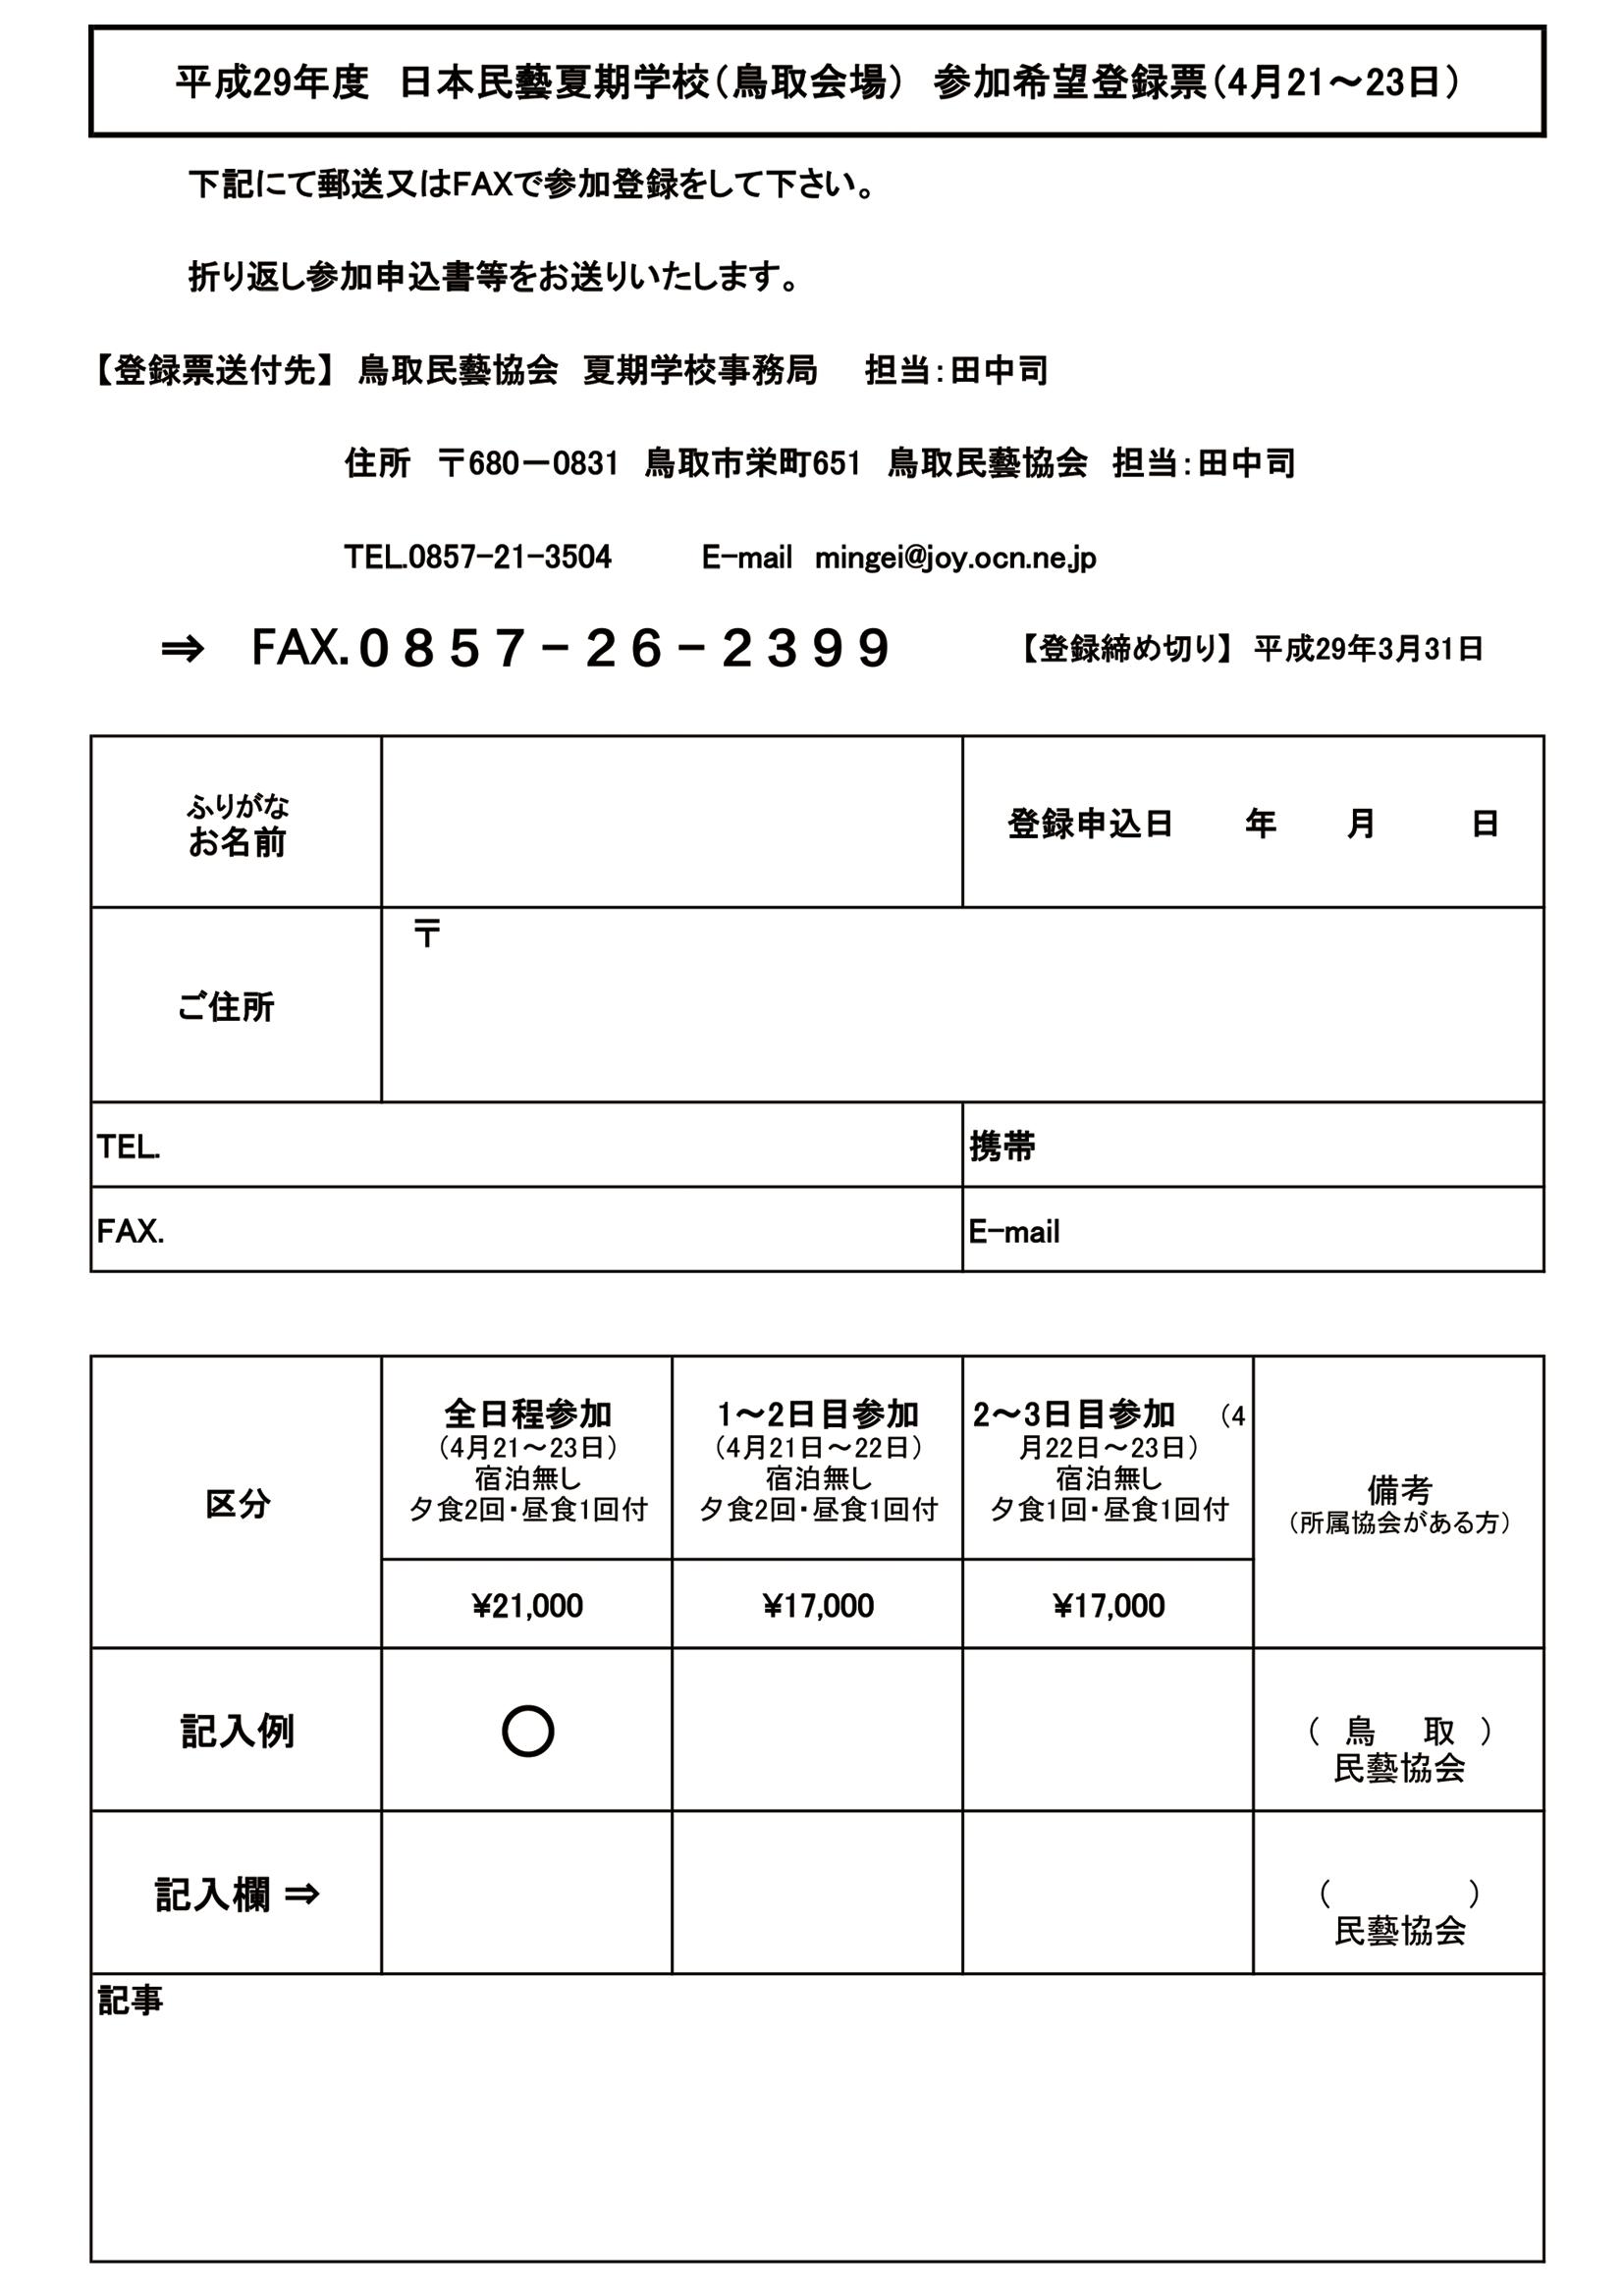 日本民藝協会夏期学校(鳥取会場)開催!!_f0197821_11402036.png